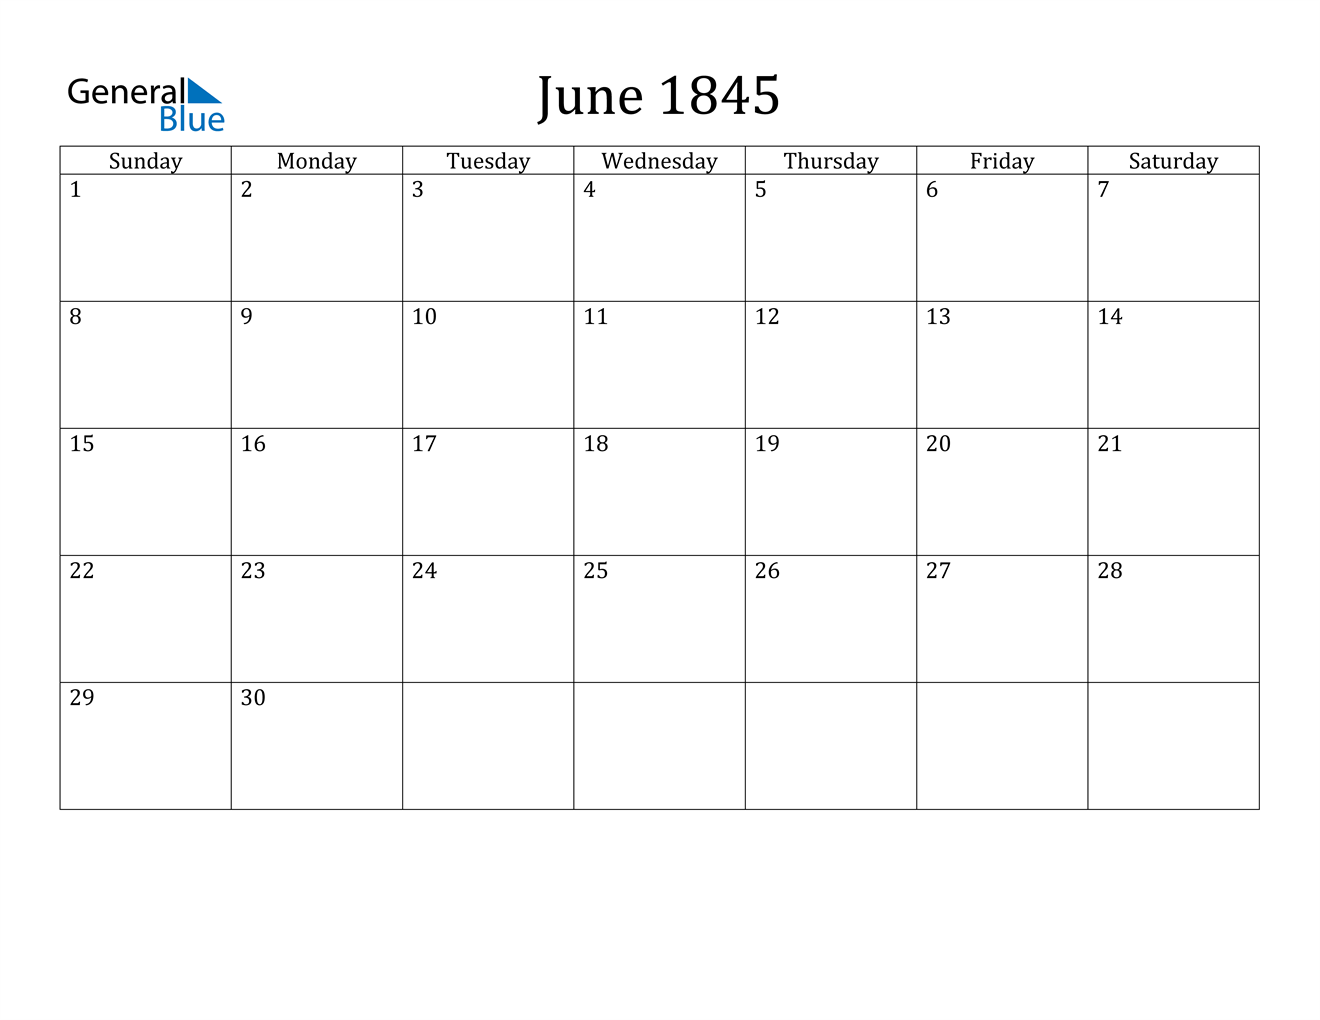 Image of June 1845 Calendar